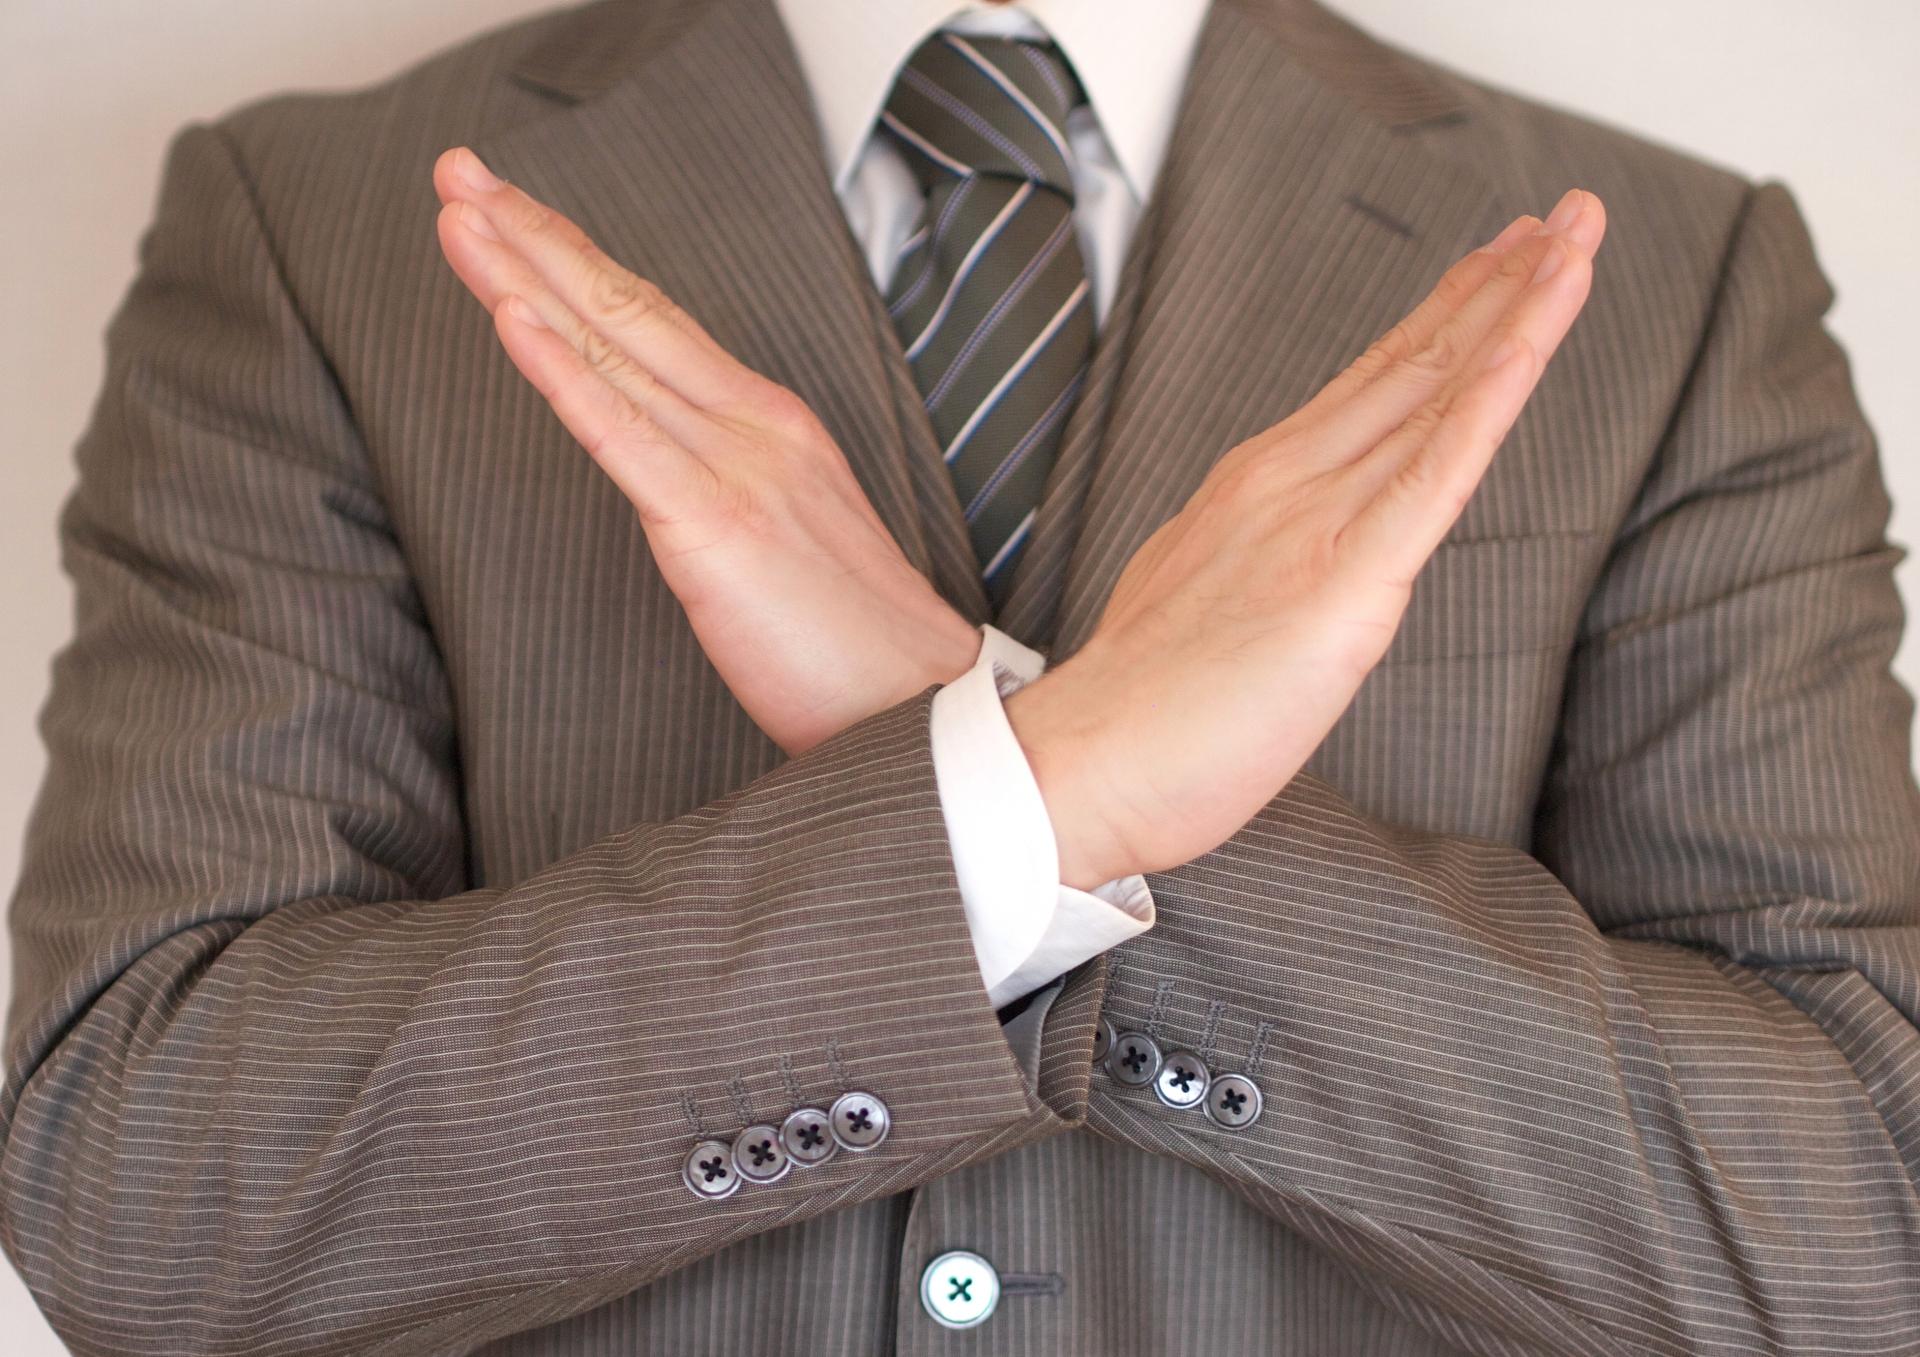 仲介業者に嫌われる管理会社